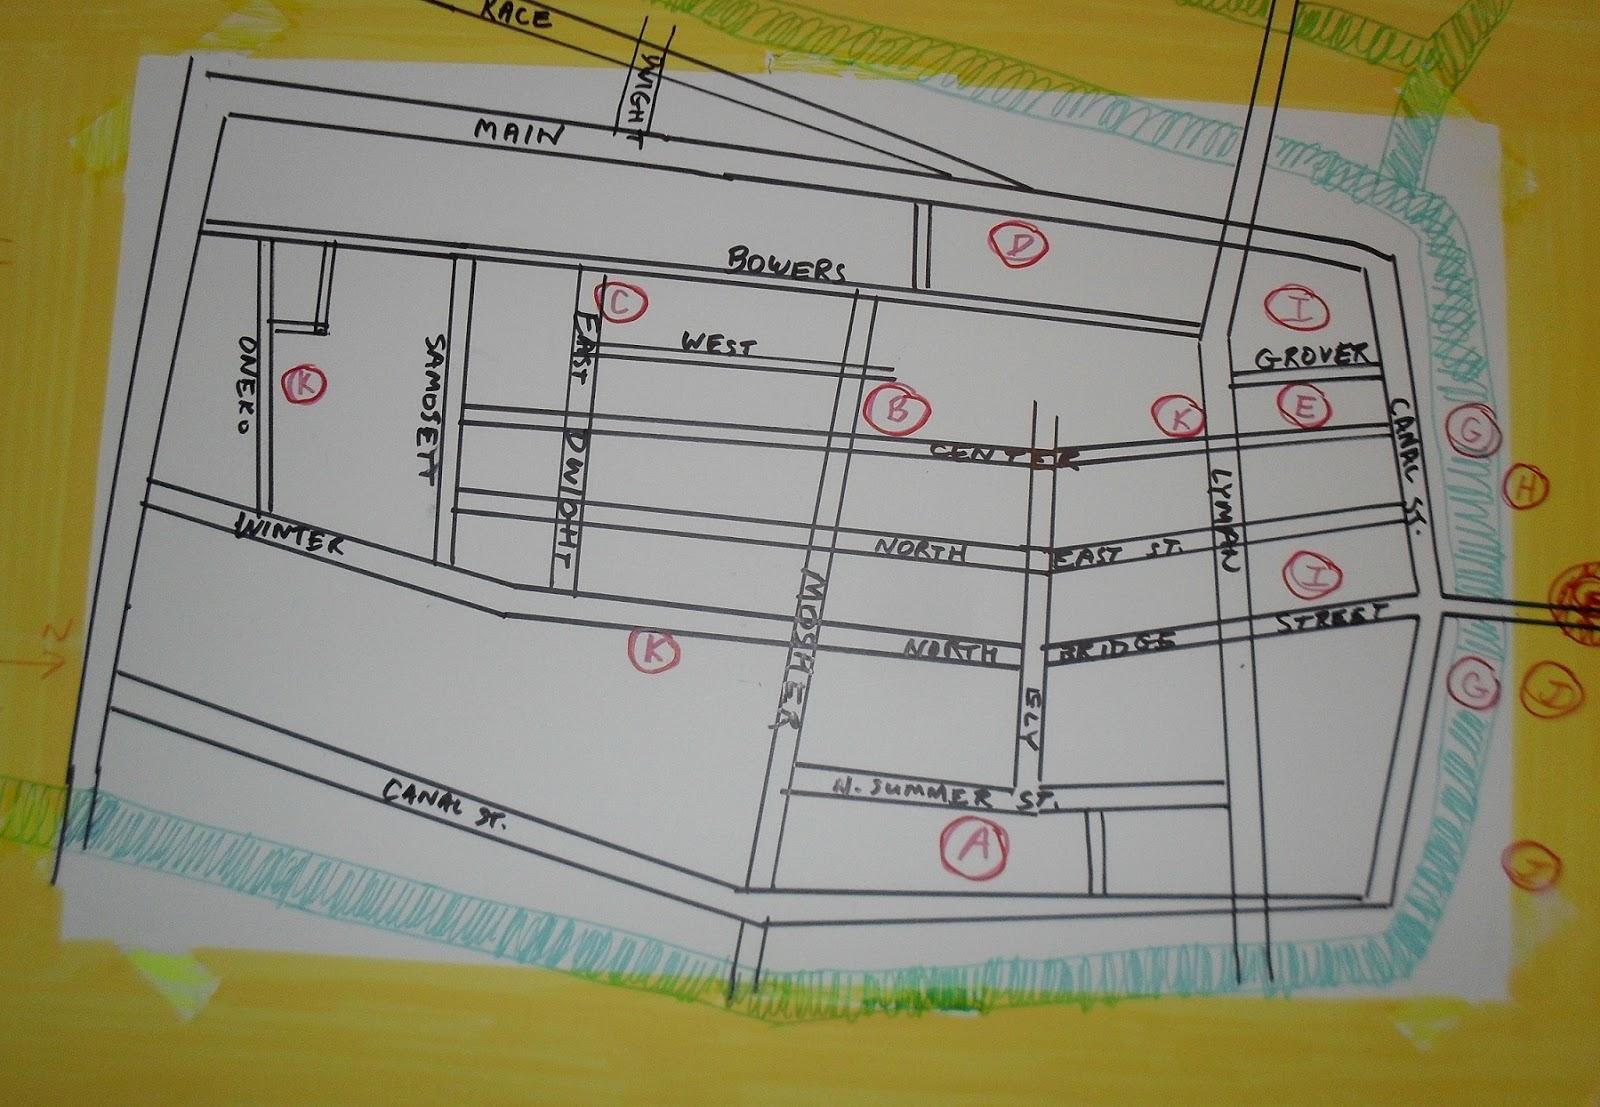 flats neighborhood of holyoke map